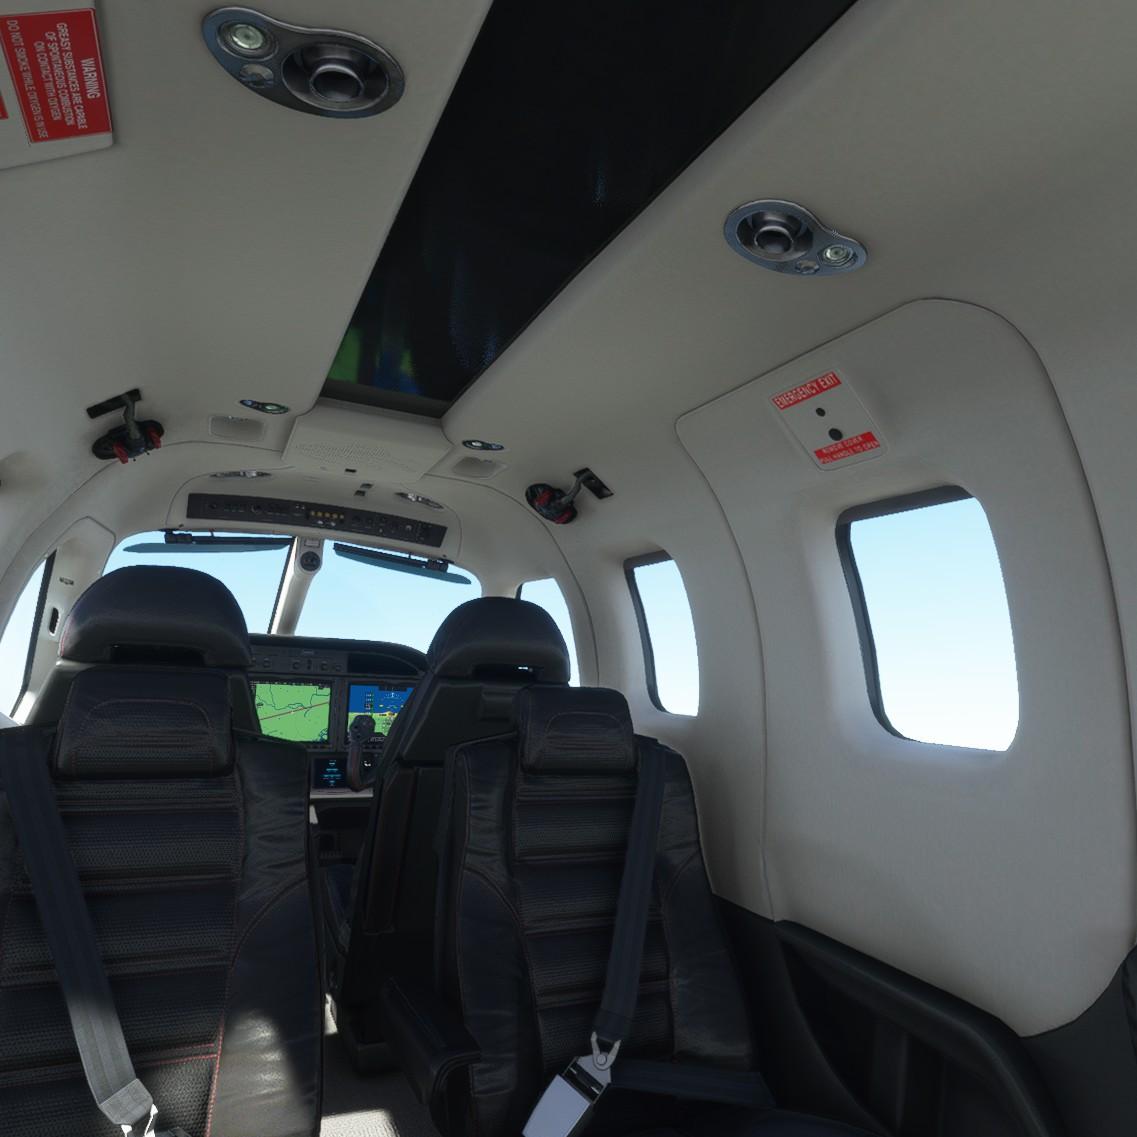 現実世界で行うことは普通には無理だが、VRなら窓から身を乗り出して機外の様子を確認することもできる。小型機であれば客席に移動することも可能で、操縦をAIに任せれば、乗客気分でフライトを楽しむこともできる。